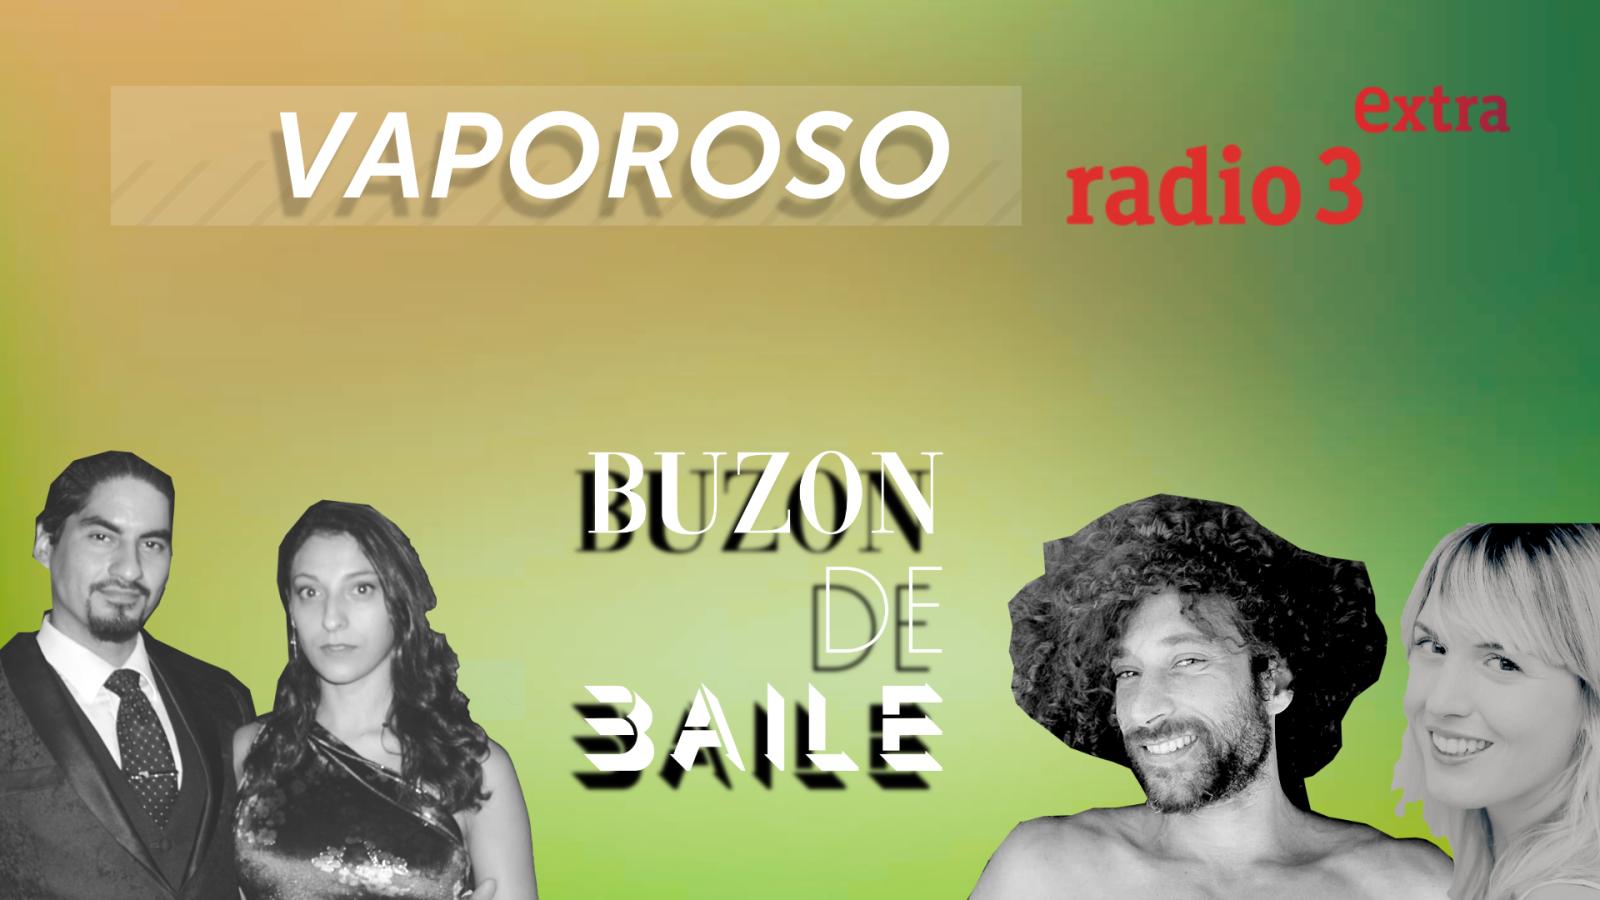 Buzón de Baile - VAPOROSO: Teresa Yoldi & Adrián Coria: / Cecilia Gala & Haizam Fathy - Ver ahora